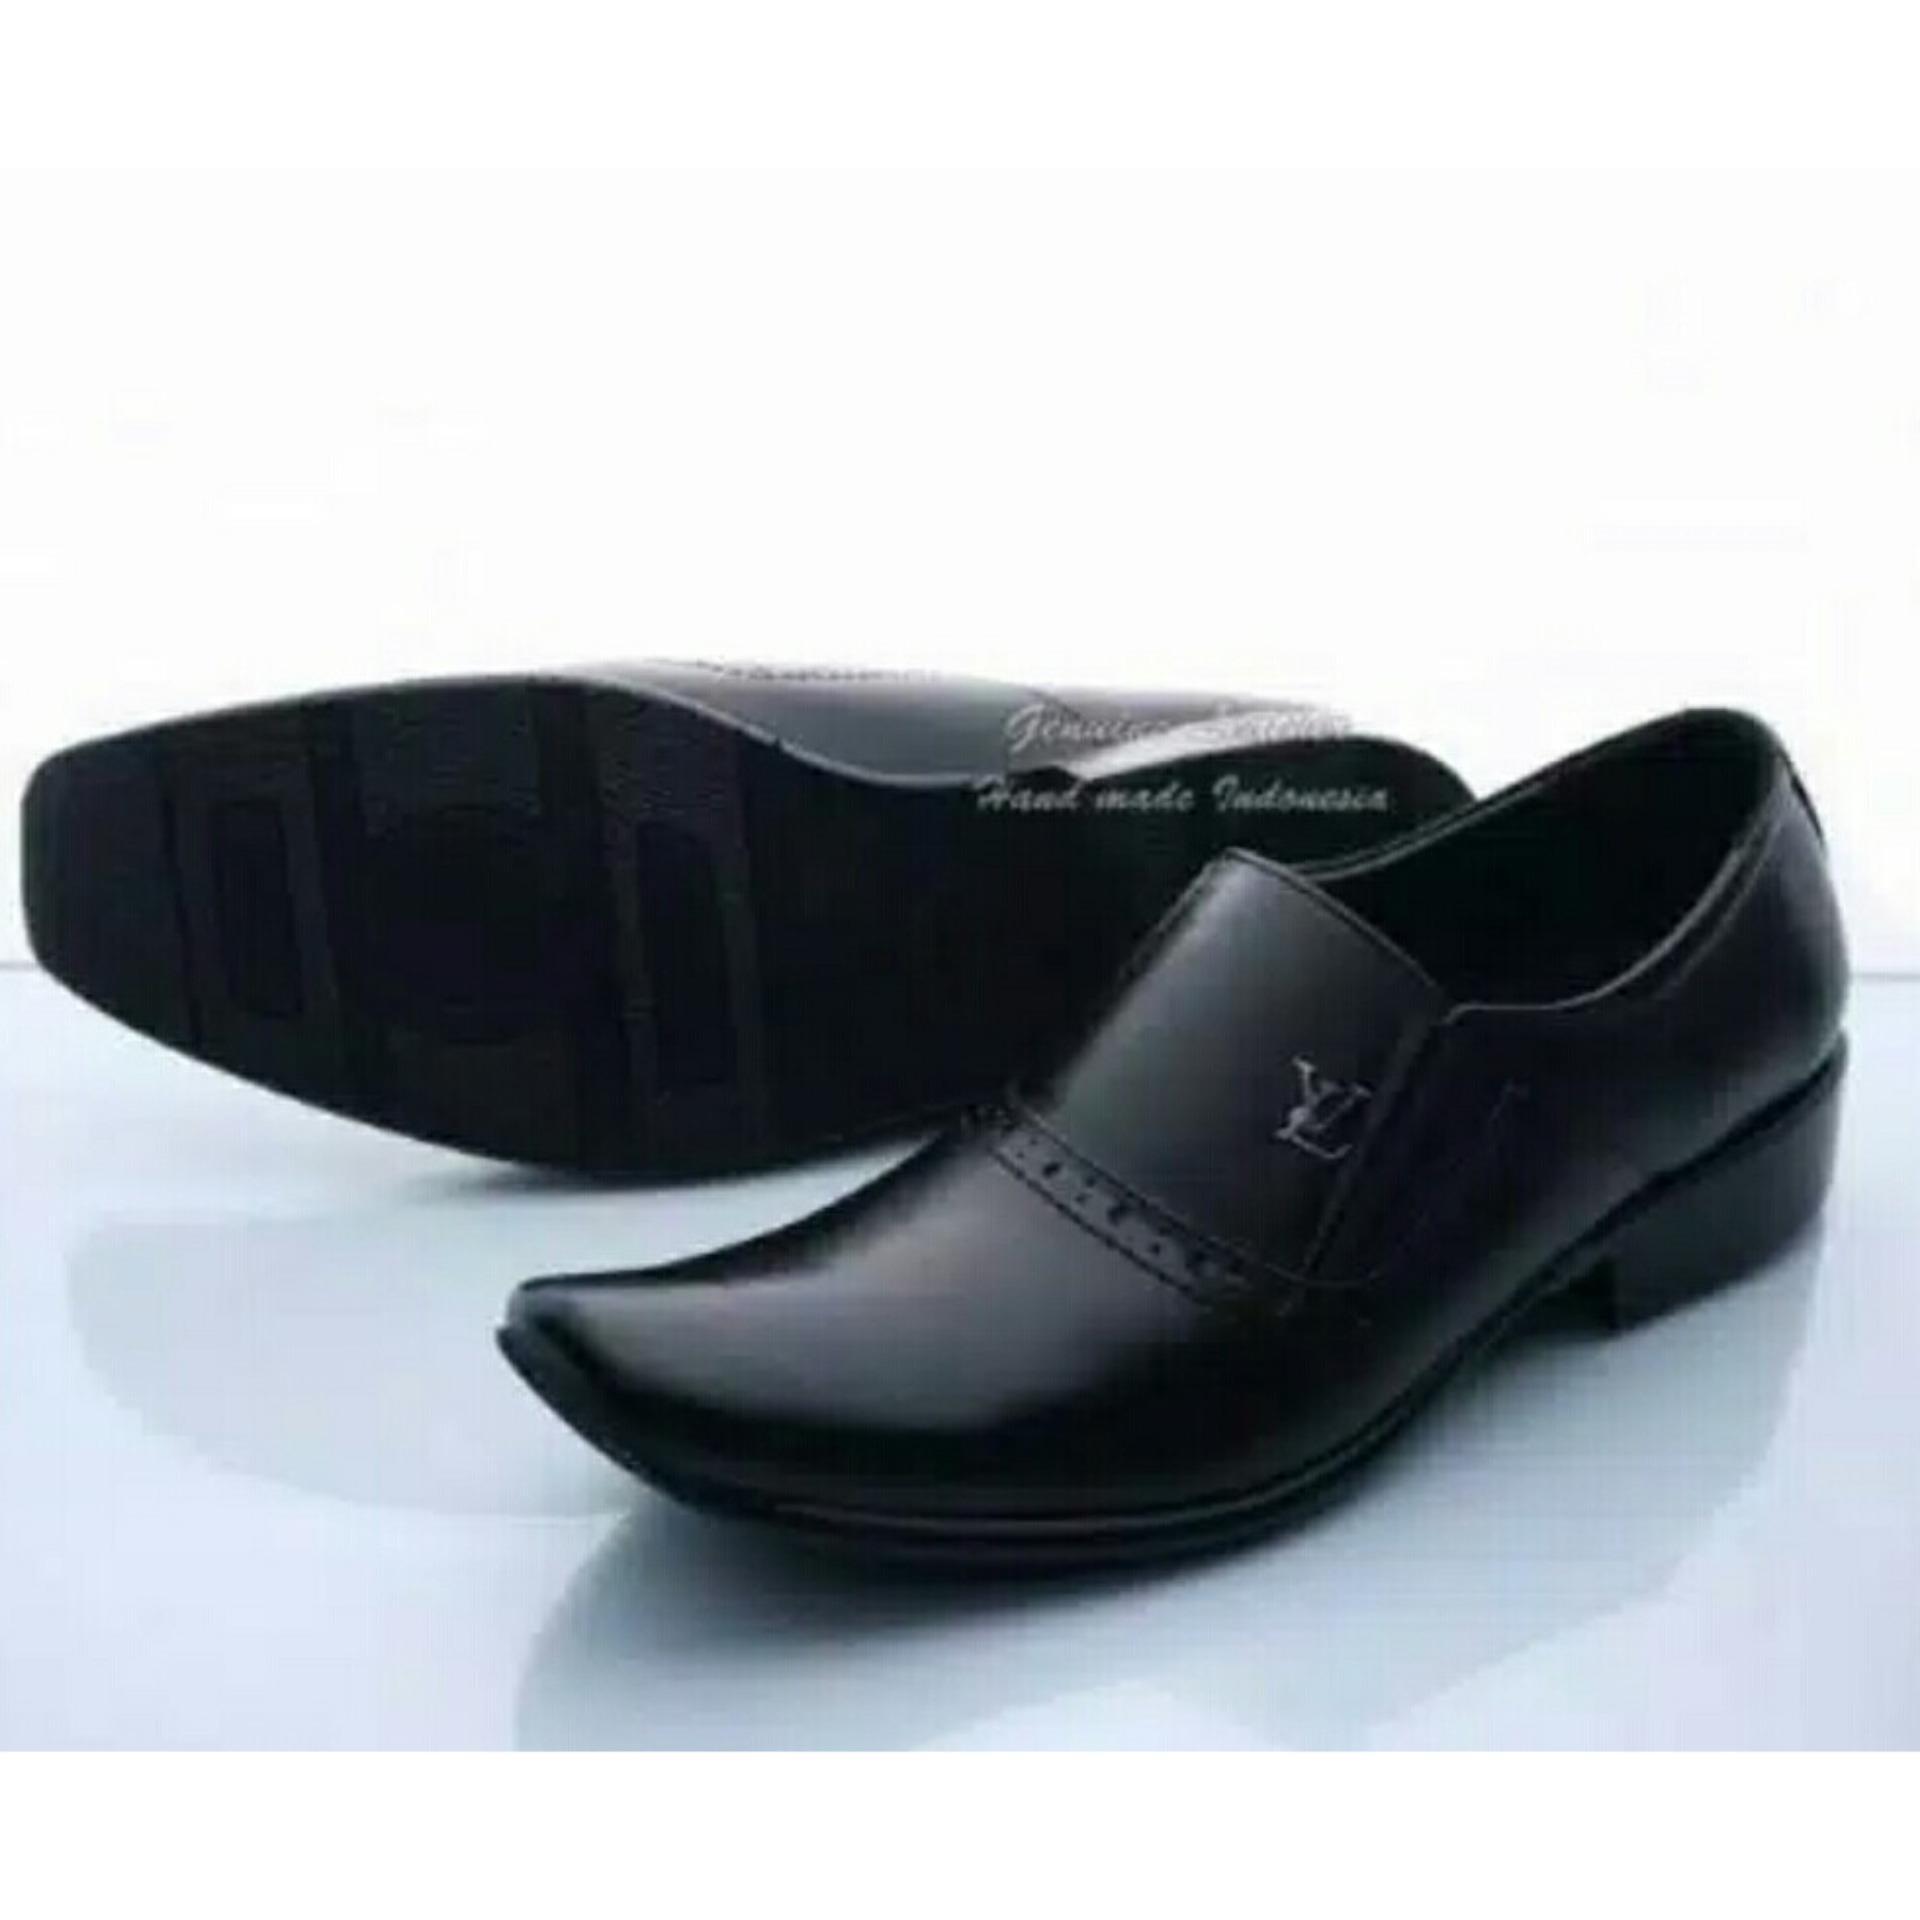 Spesifikasi Sepatu Pantofel Pria Kulit Asli Hand Madepremium Model Lv 075 Ht Sepatu Pantofel Terbaru